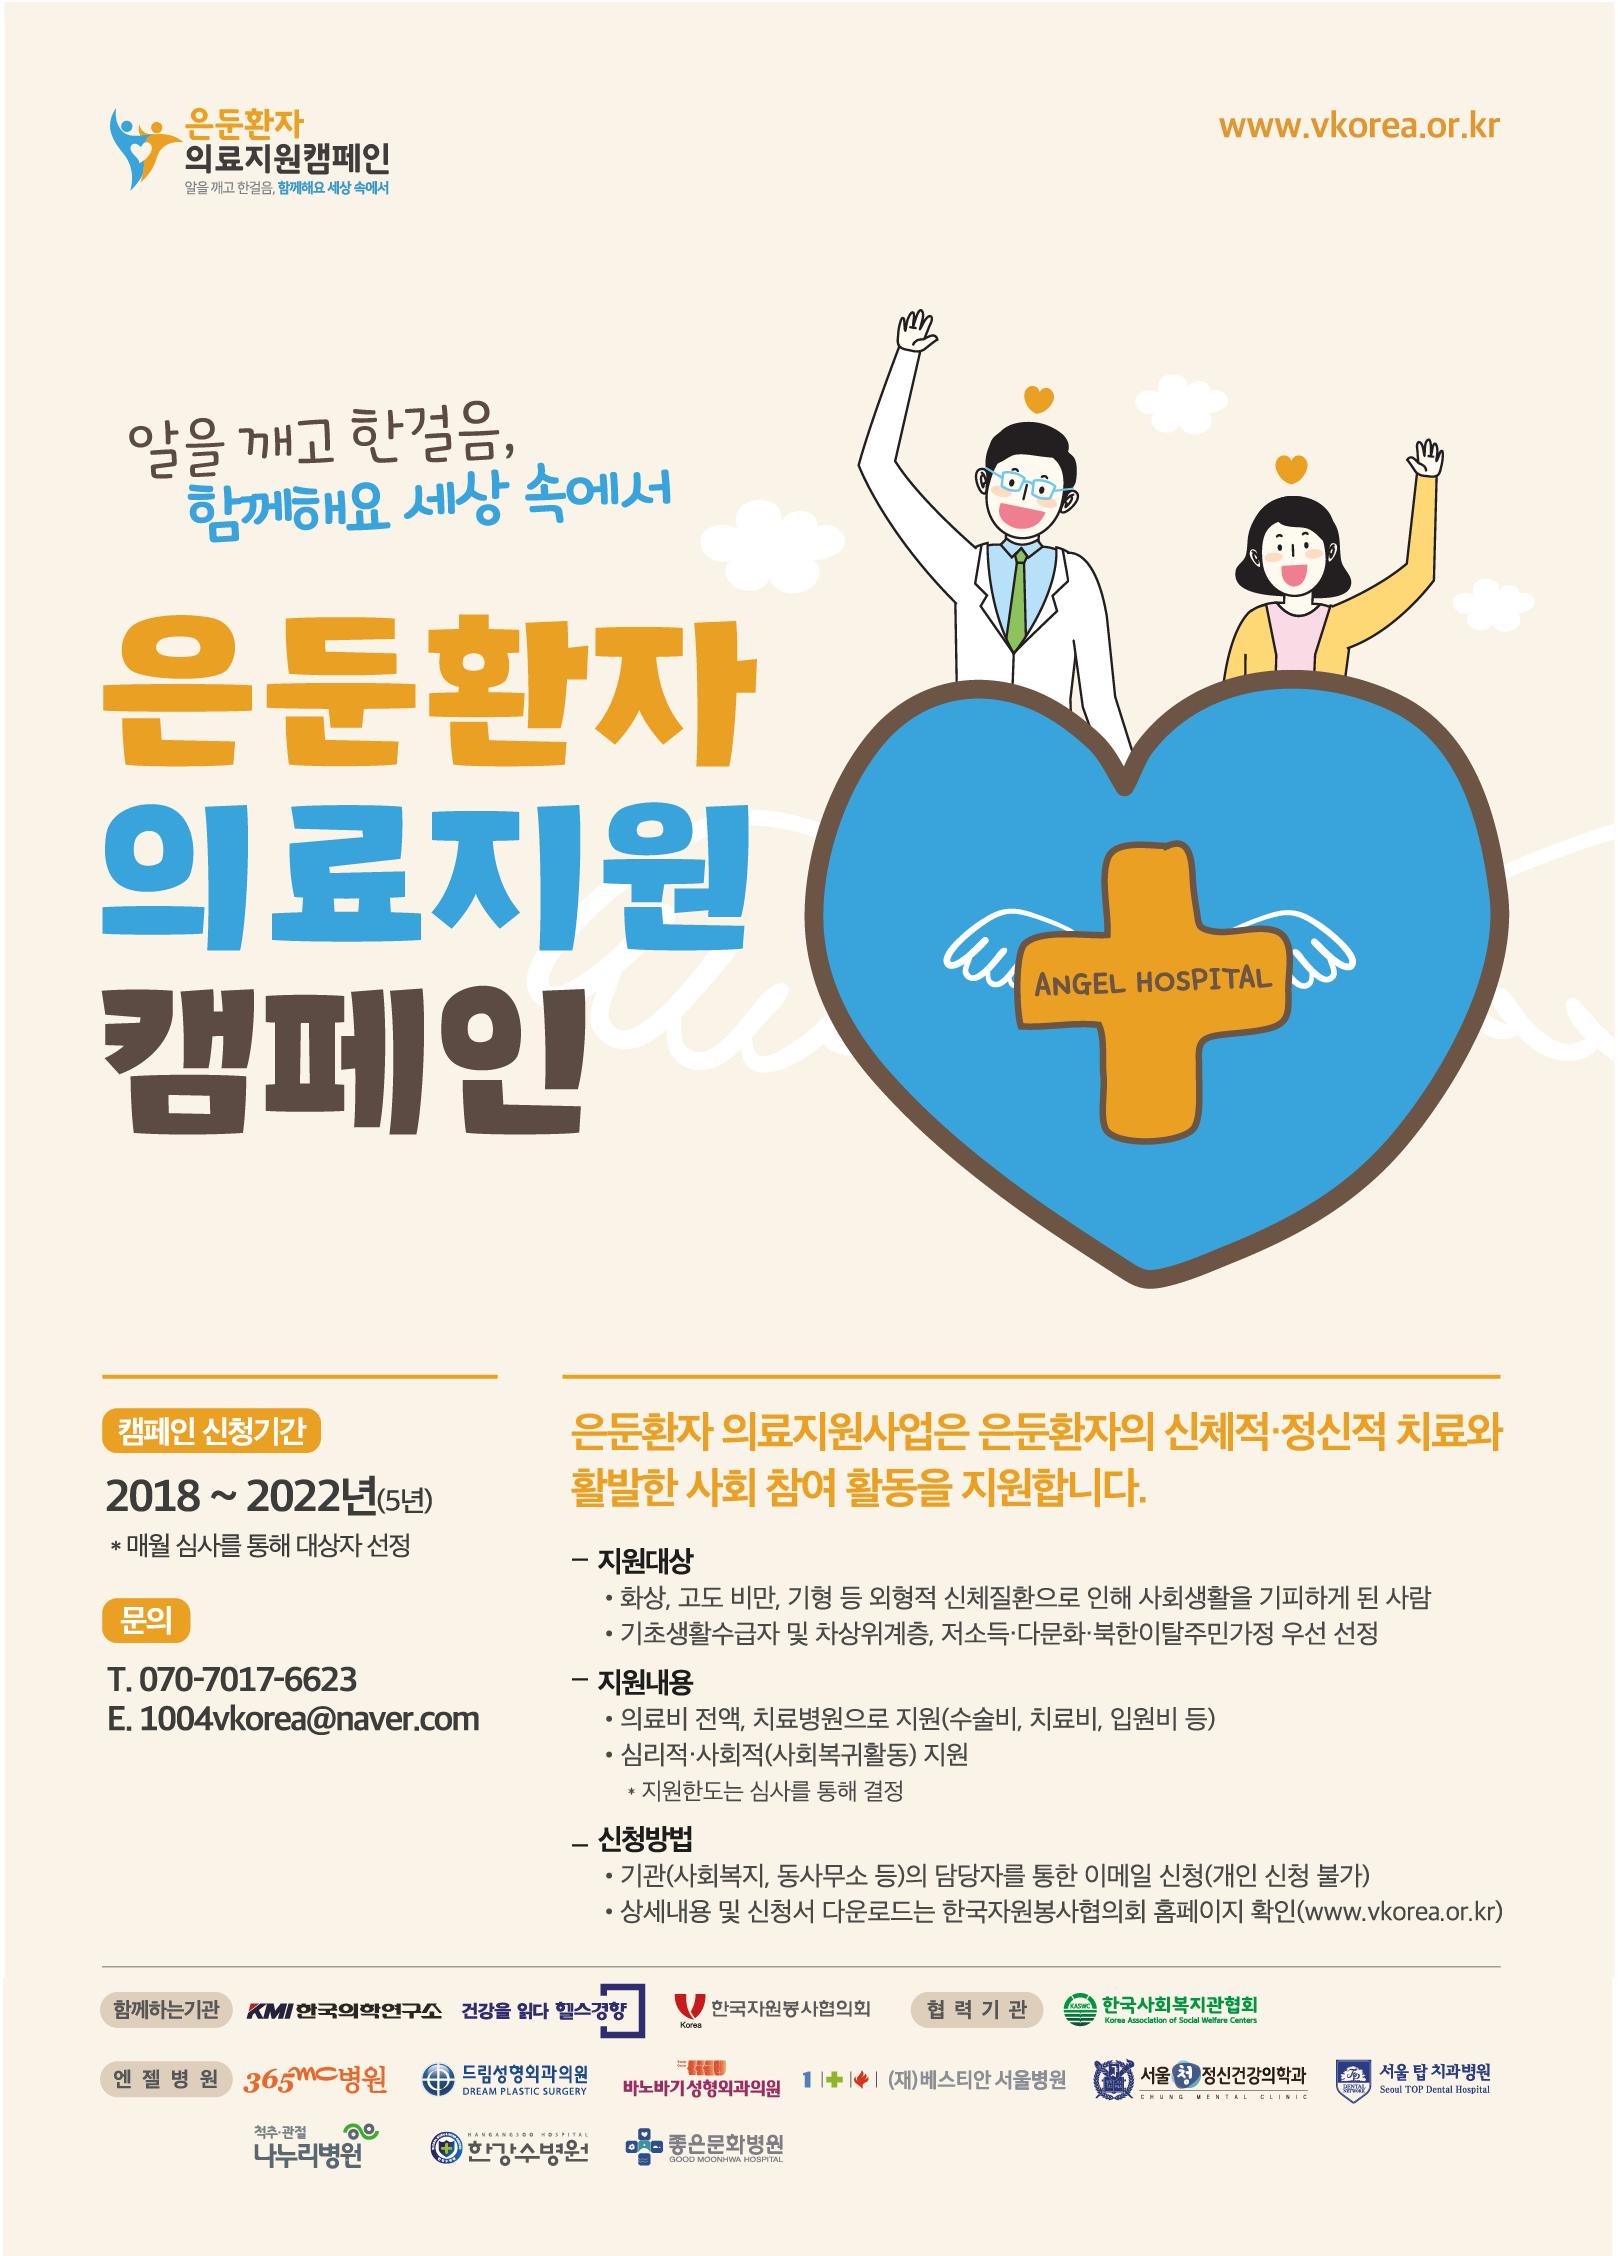 은둔환자 의료지원캠페인 홍보자료.png